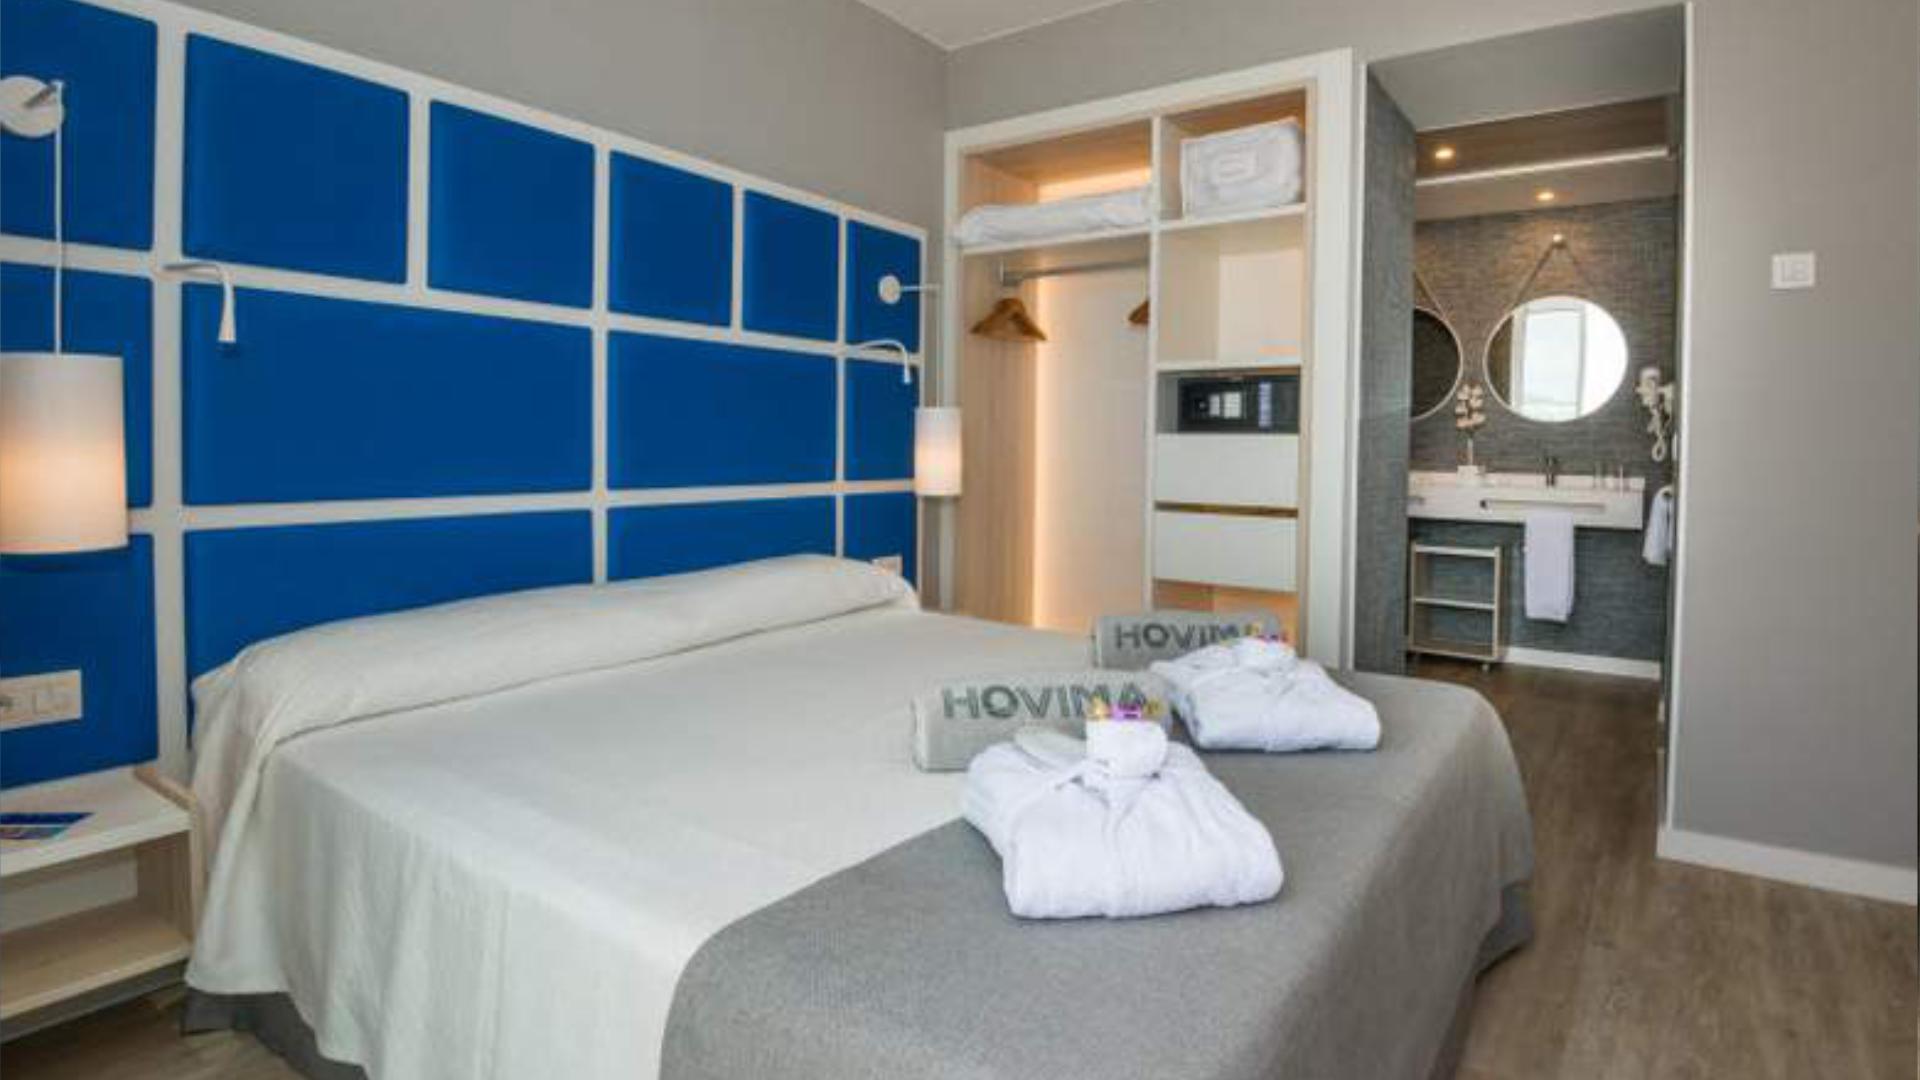 HOTEL HOVIMA COSTA ADEJE. TENERIFE